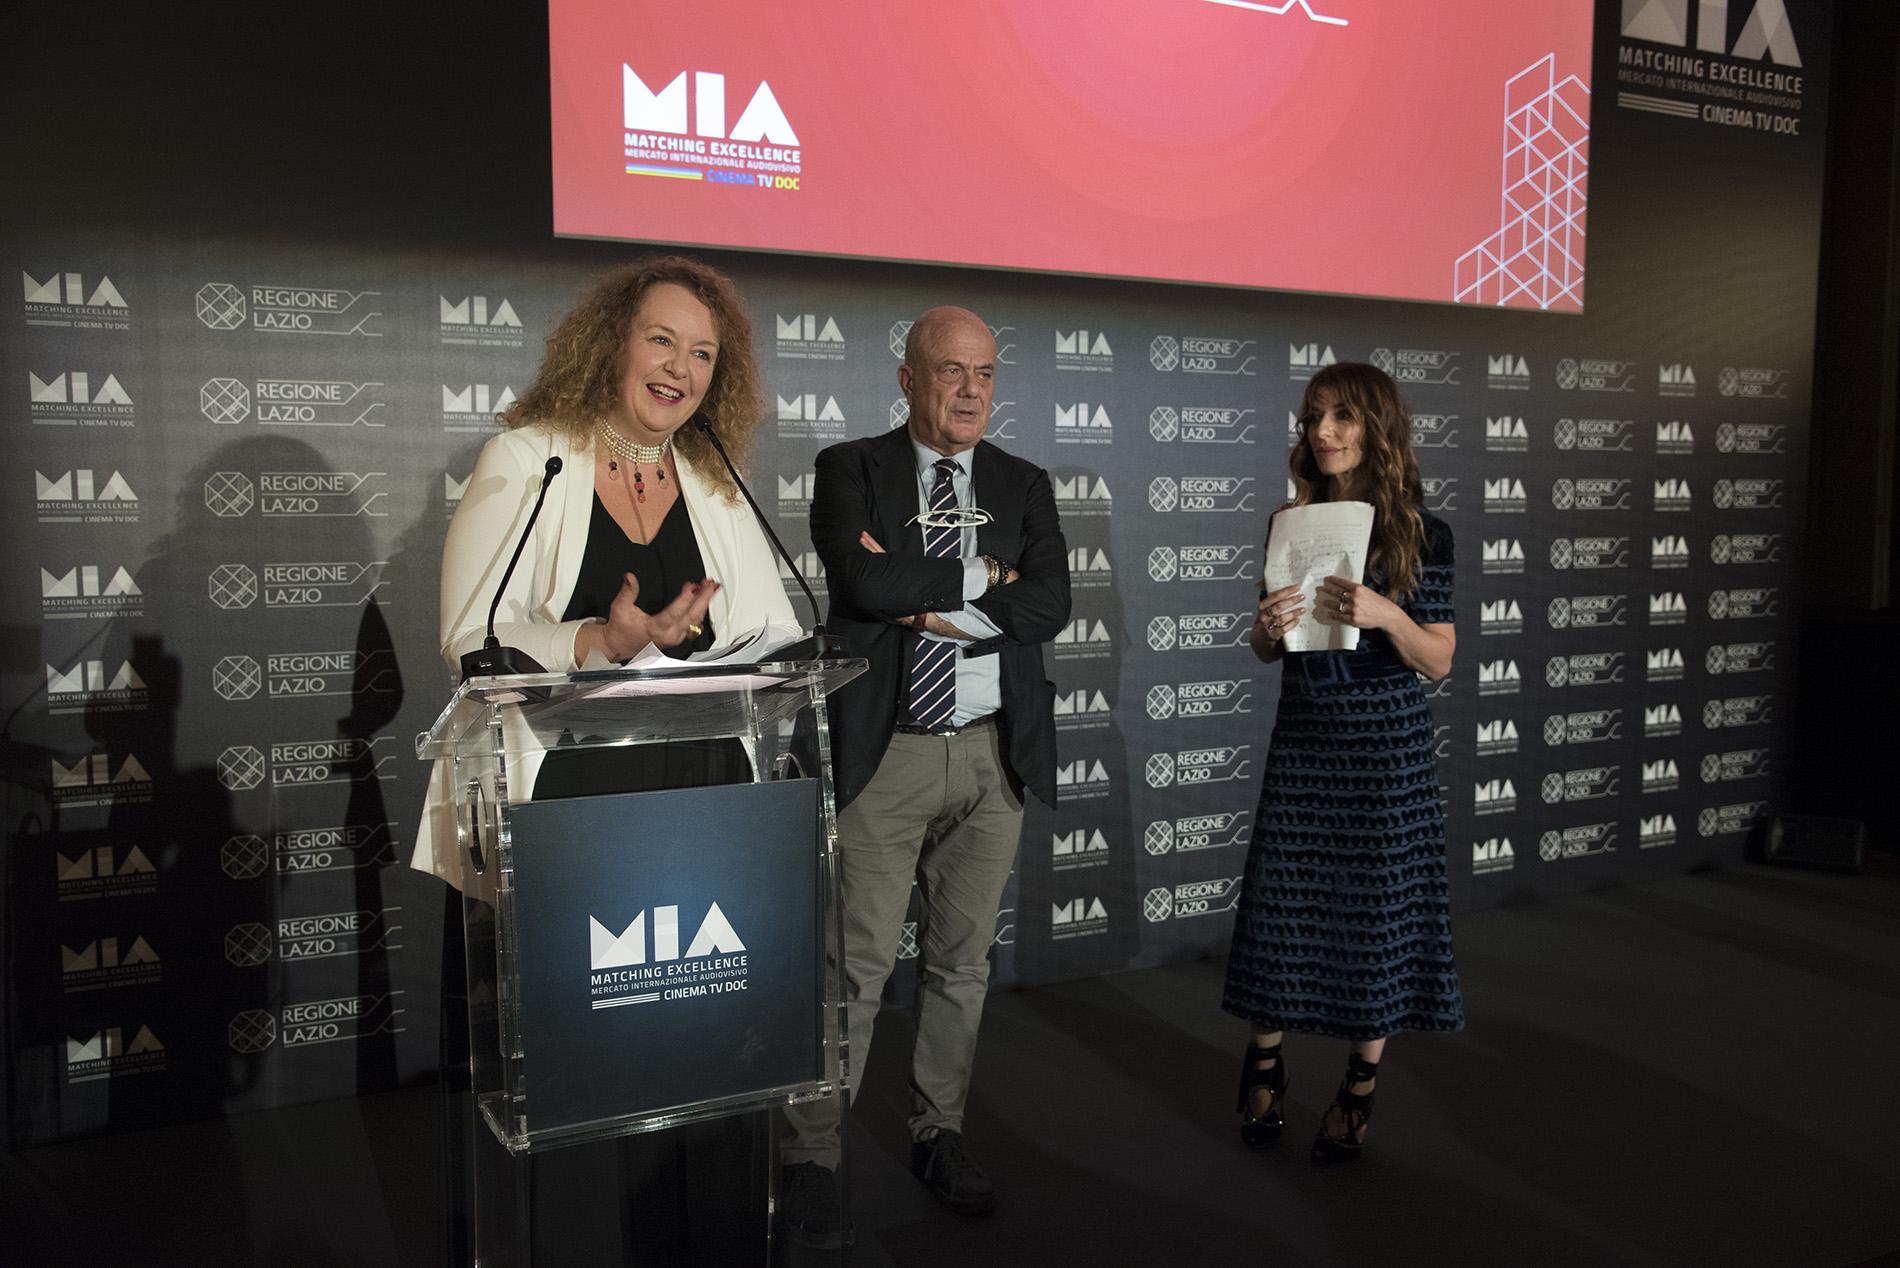 Cristina Priarone, Luciano Sovena, Sabrina Impacciatore